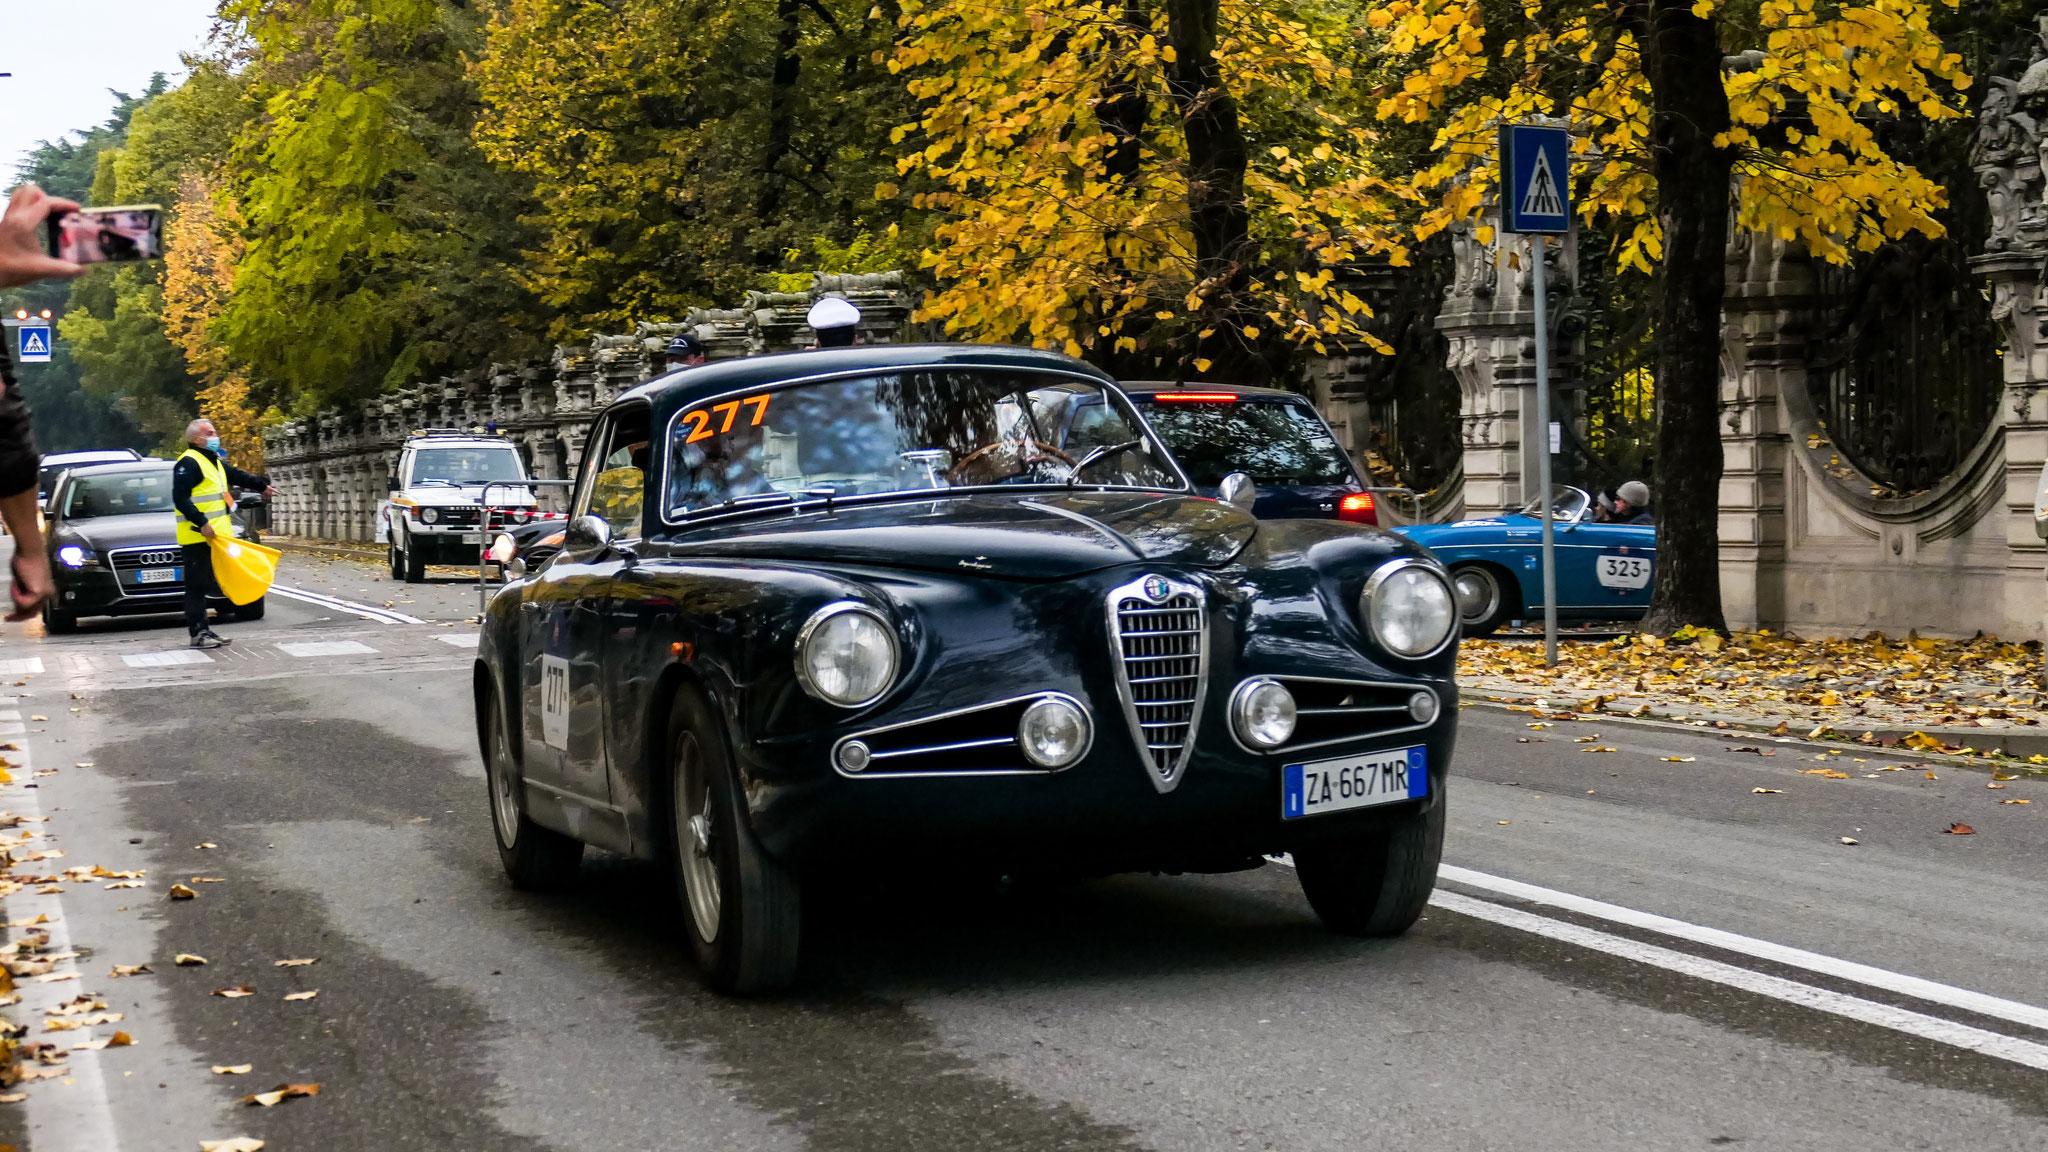 Alfa Romeo 1900C Super Sprint - ZA-667-MR (ITA)